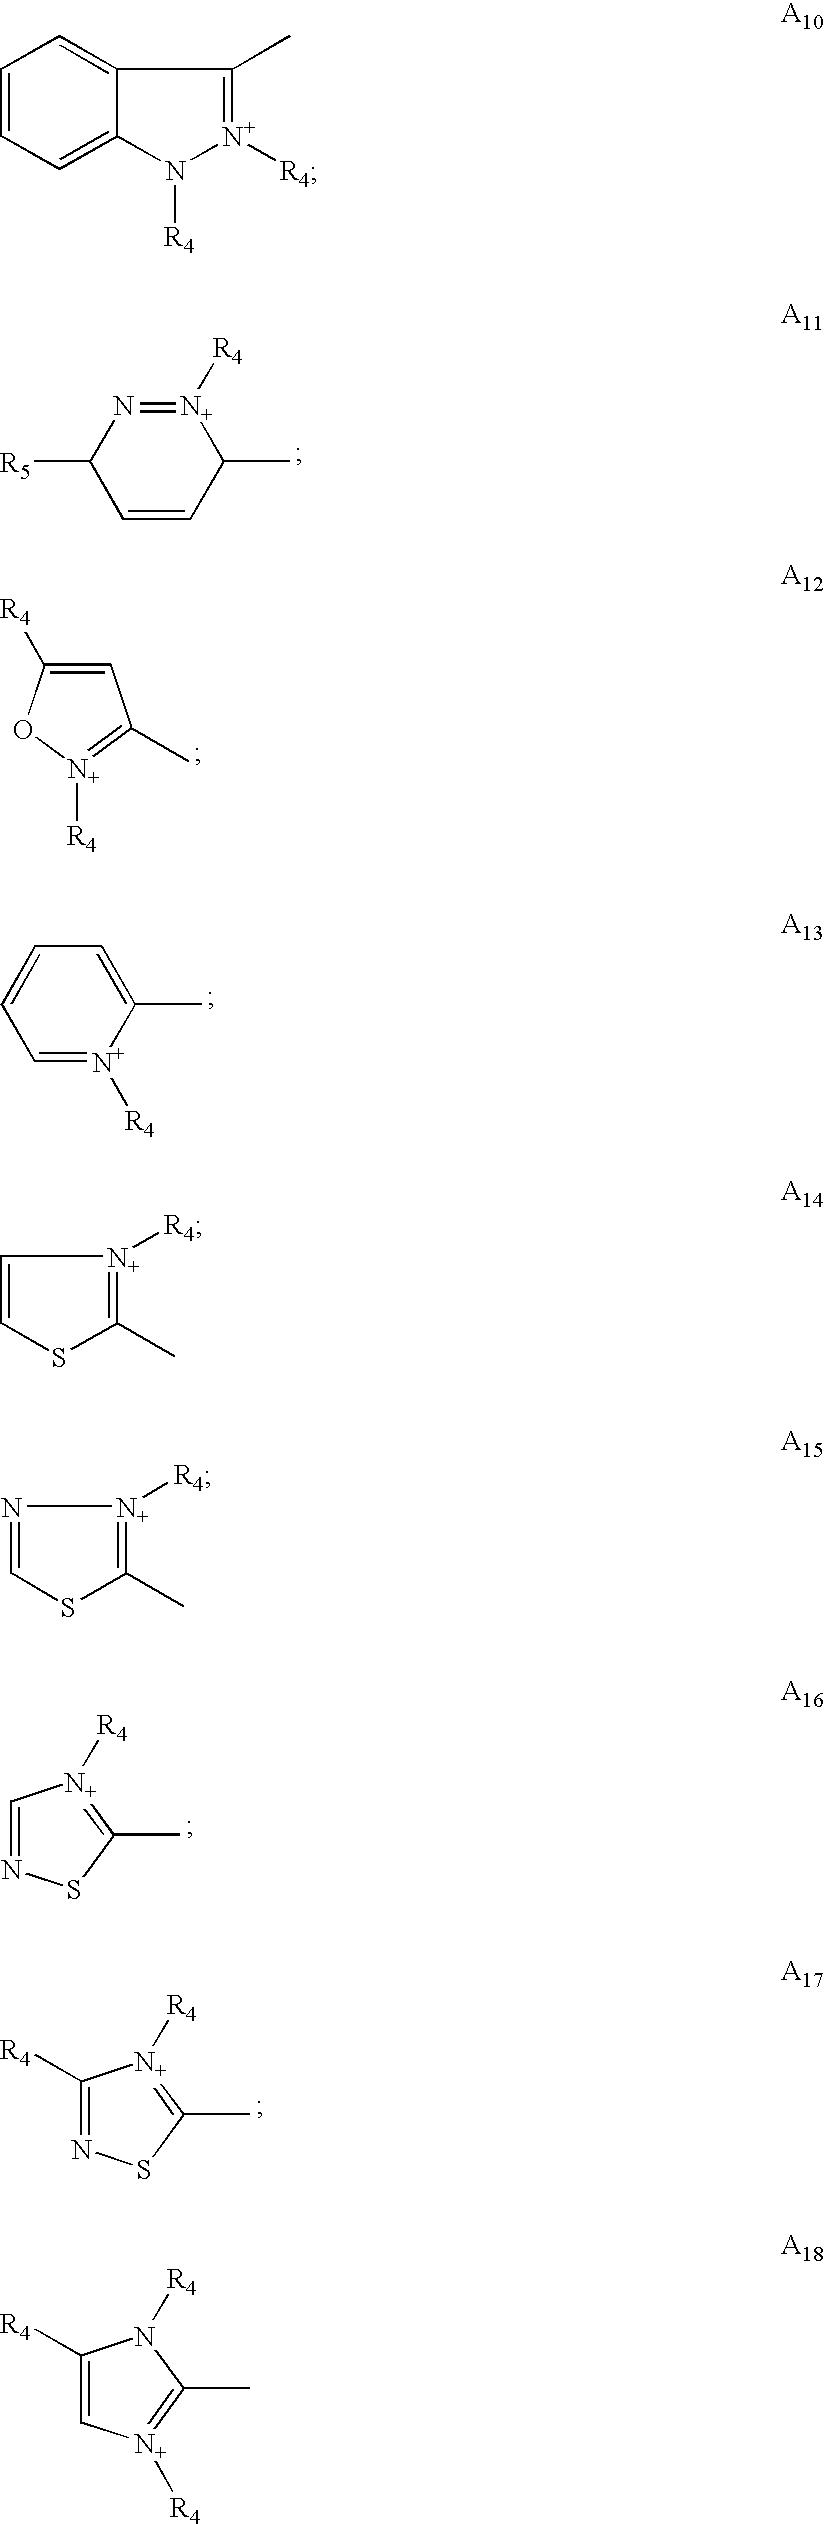 Figure US20090158533A1-20090625-C00007